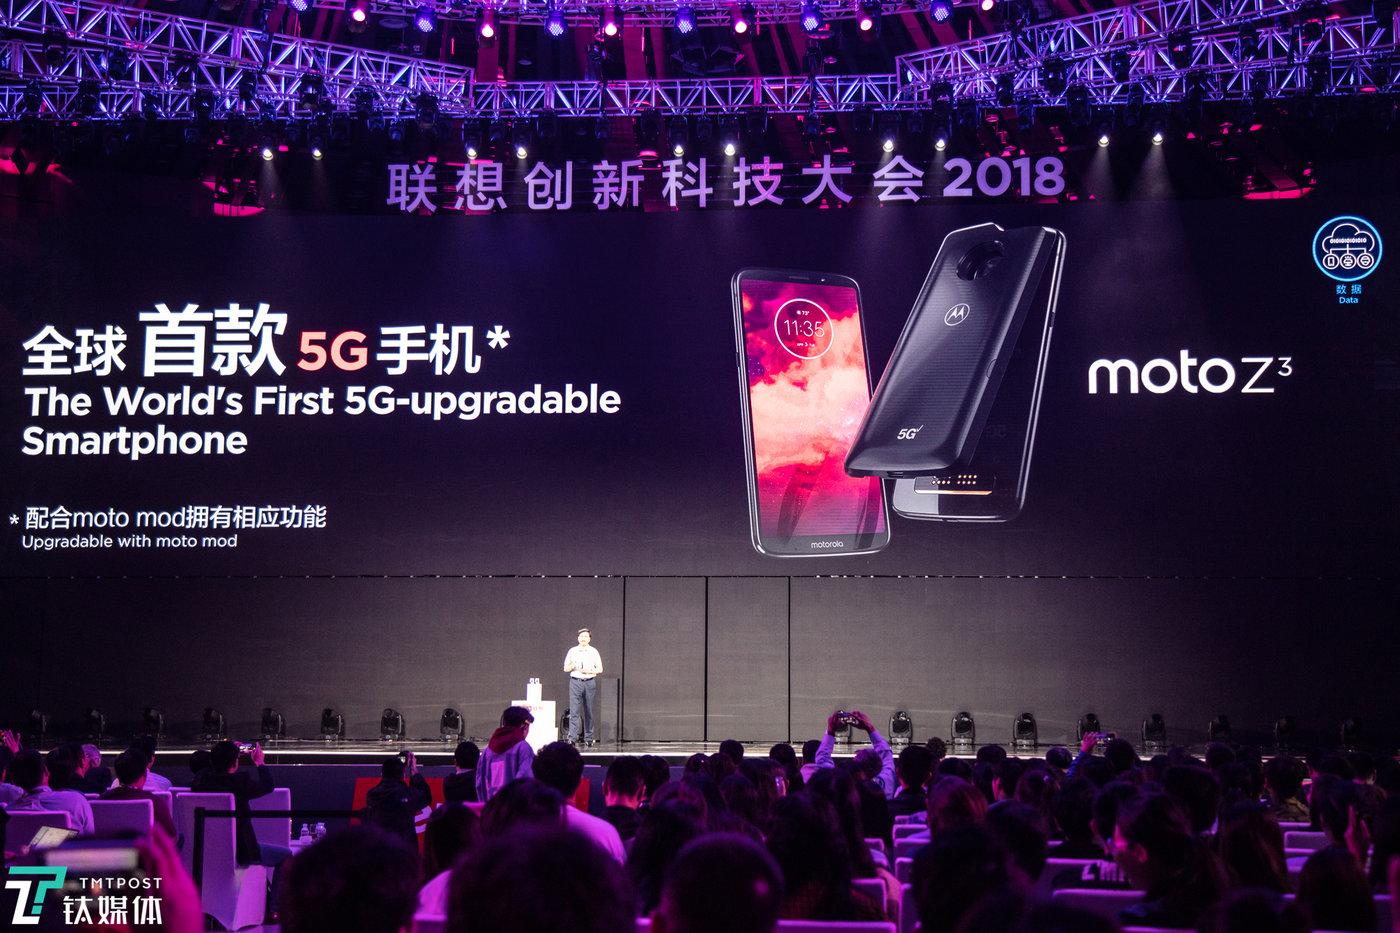 全球首款5G手机